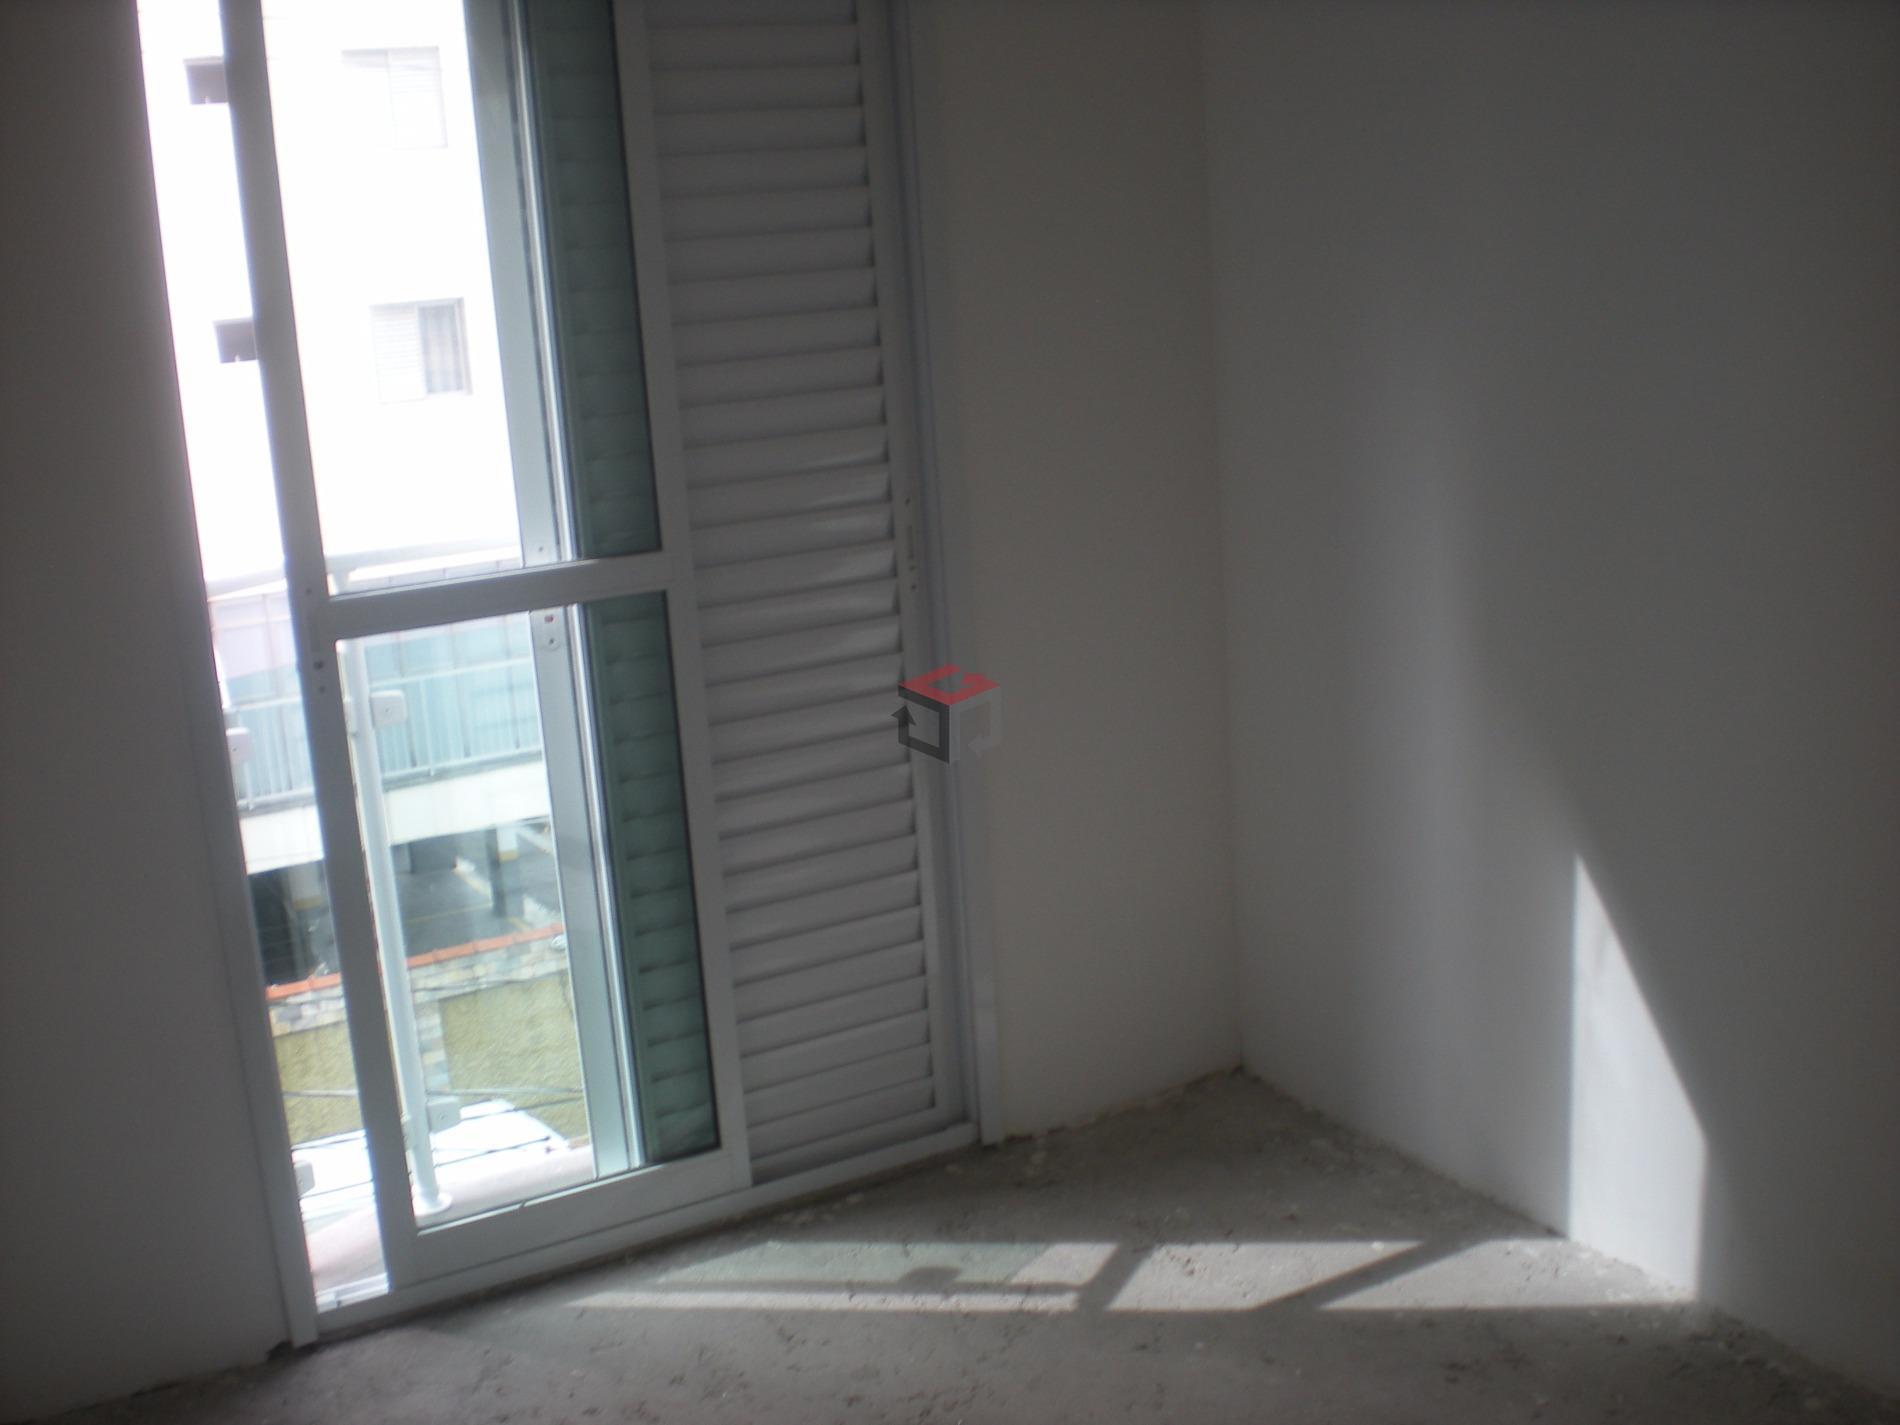 cobertura sem condomínio no valparaiso com 2 dormitórios, sala, cozinha, 1 banheiro, área serviço, 1 vaga...